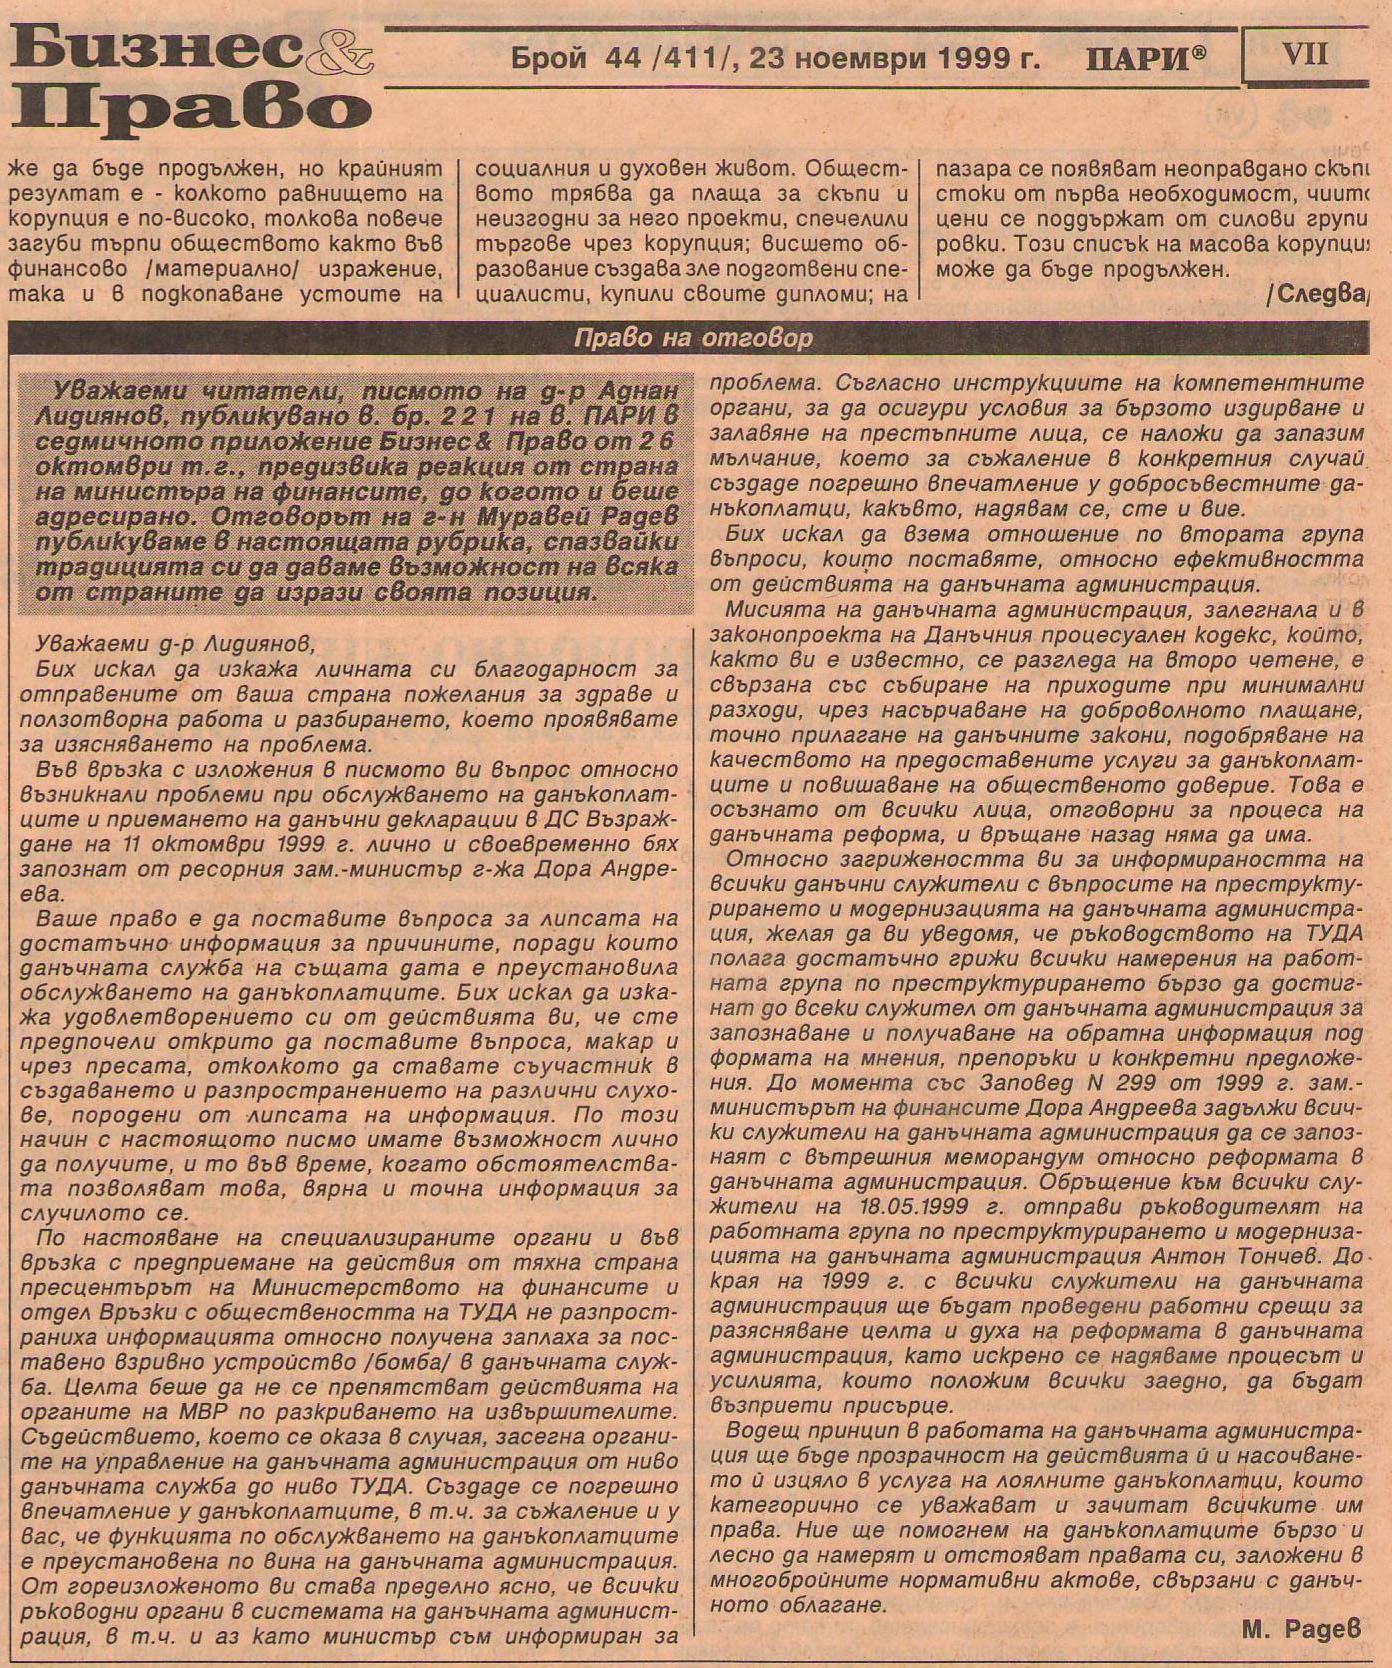 Отговорът на г-н Муравей Радев на писмото на д-р Аднан Лидиянов